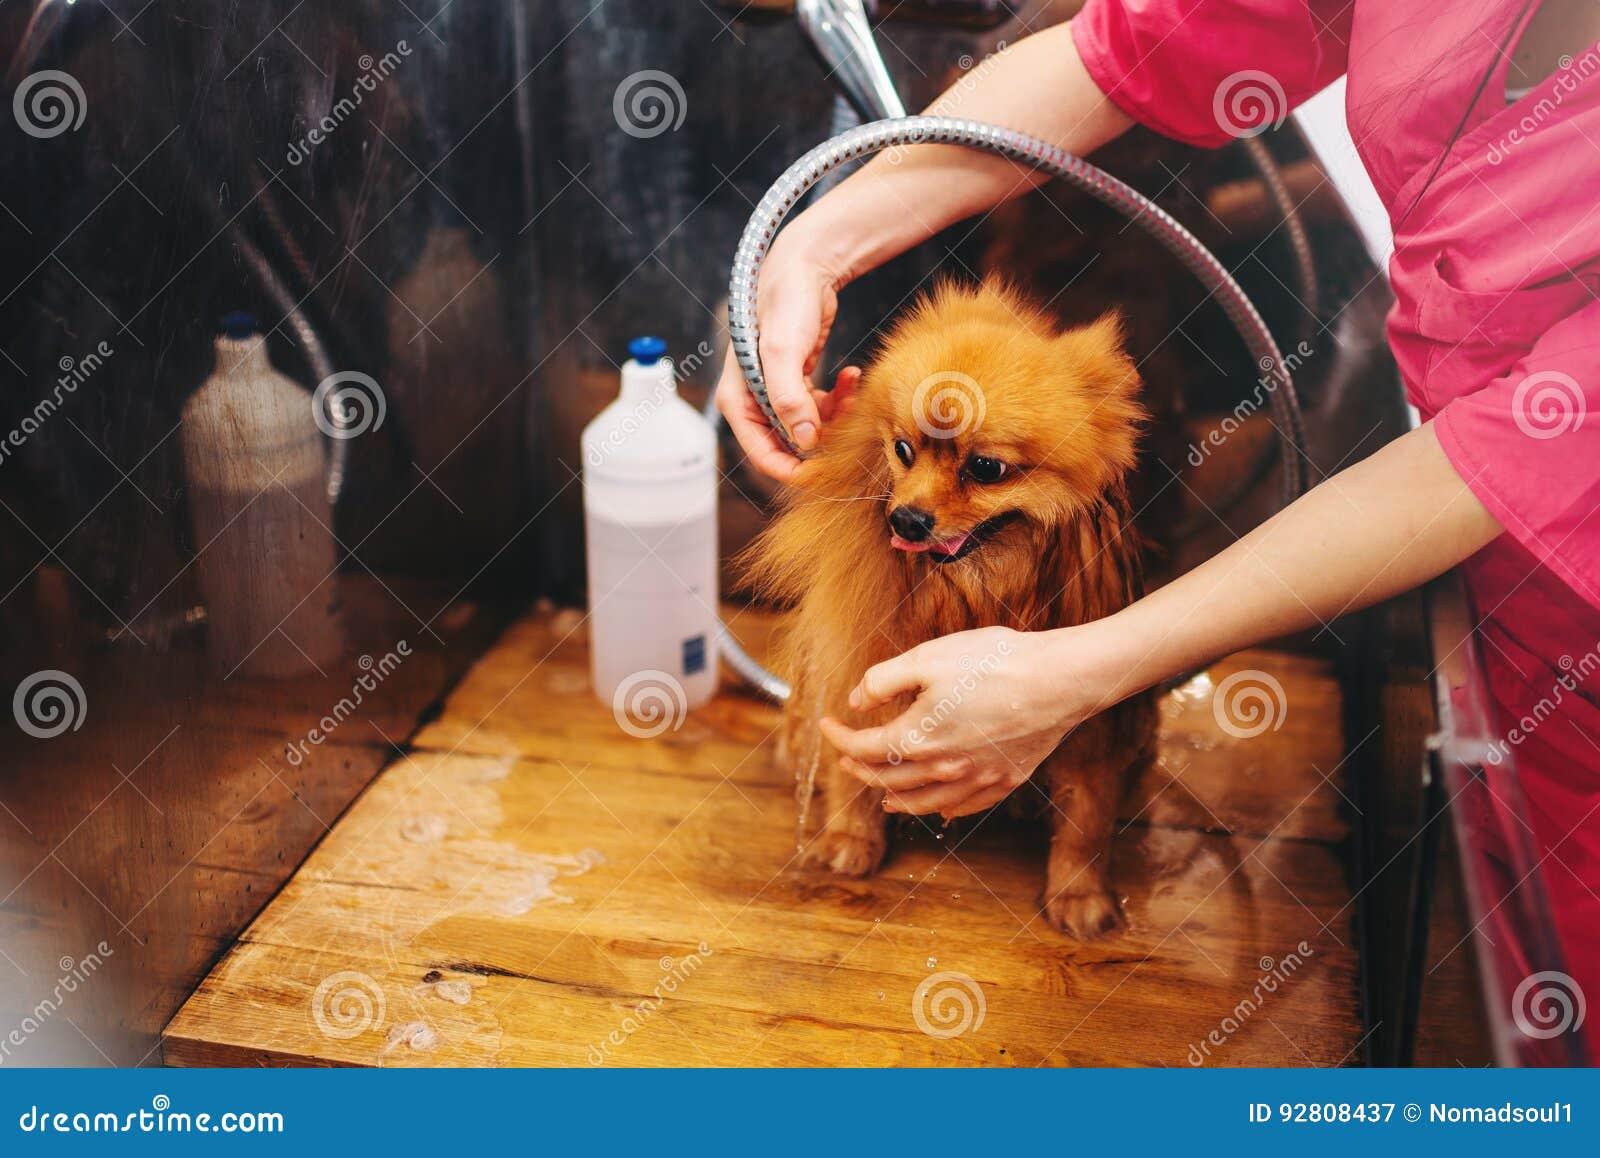 Streicheln Sie das Pflegen, den Hund, der im Groomersalon sich wäscht